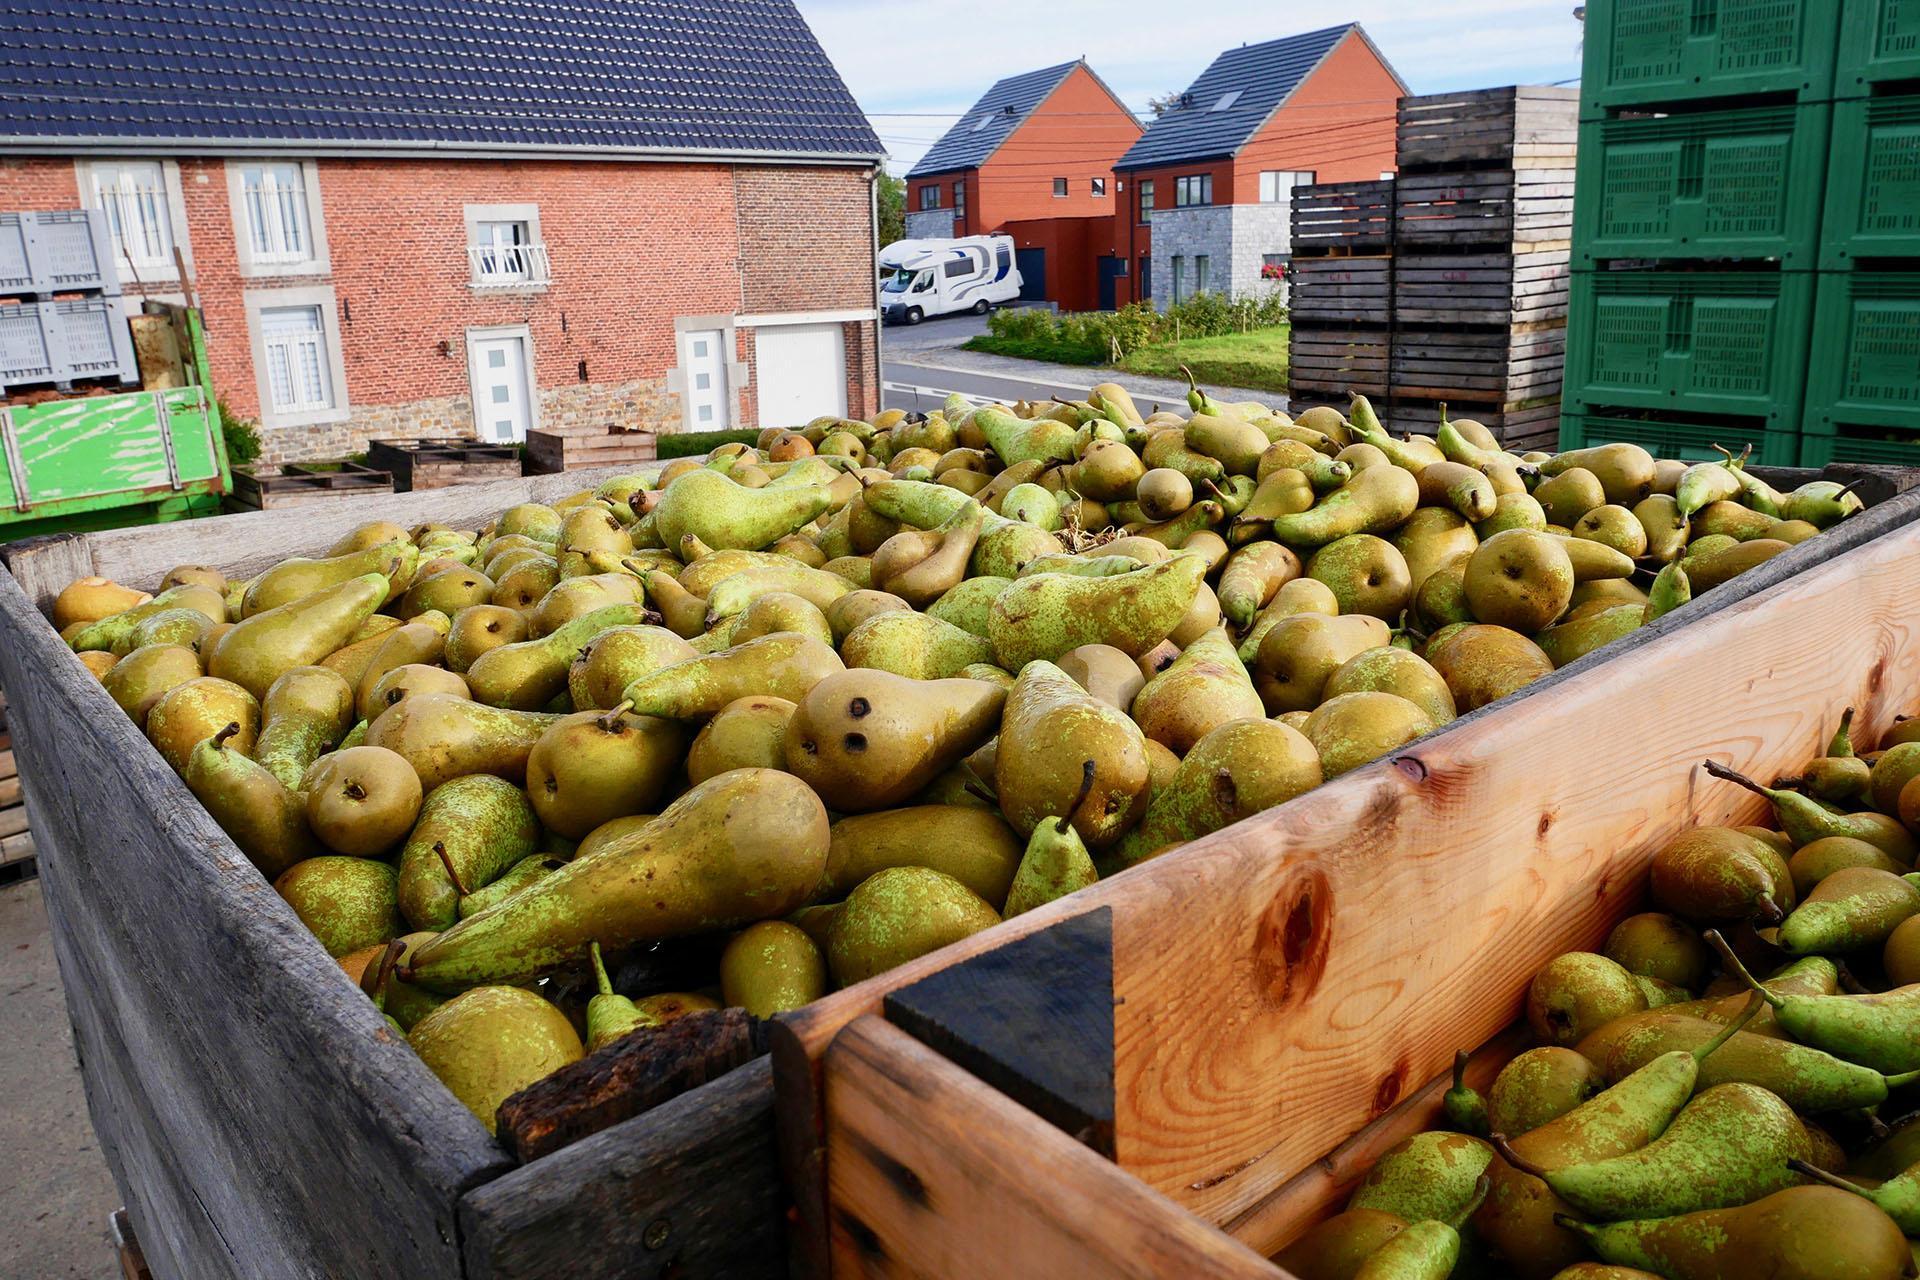 Siroperie Artisanale D'Aubel - Caisses de pommes